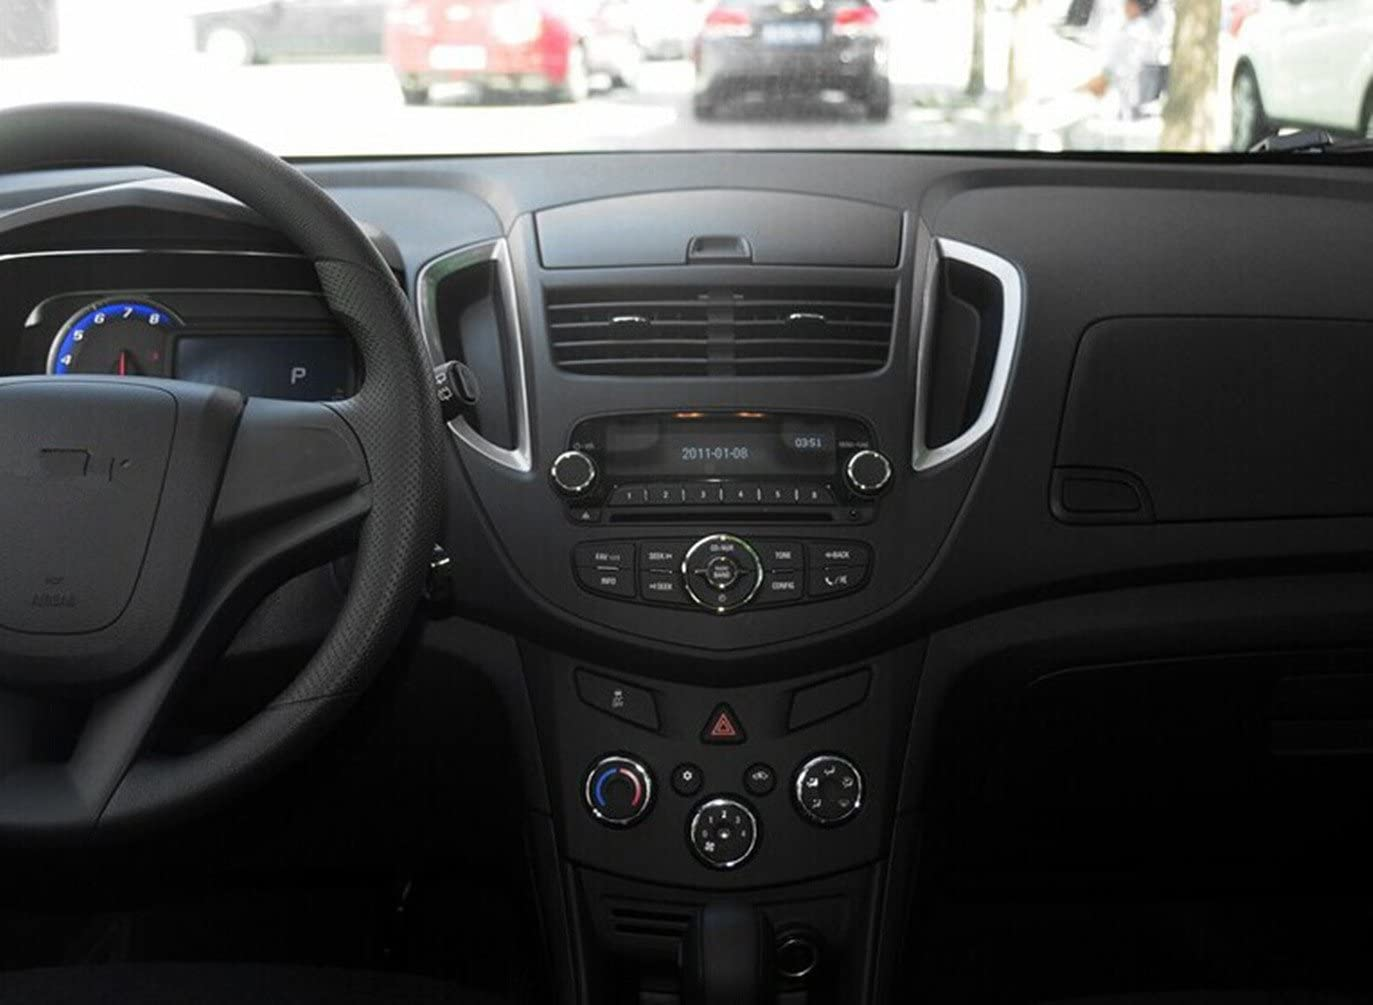 Roverone 9 Pouces Android 6.0 Octa Core pour Chevrolet Trax 2013-2016 de voiture radio avec navigation GPS Bluetooth st/ér/éo Miroir Link Full /écran tactile